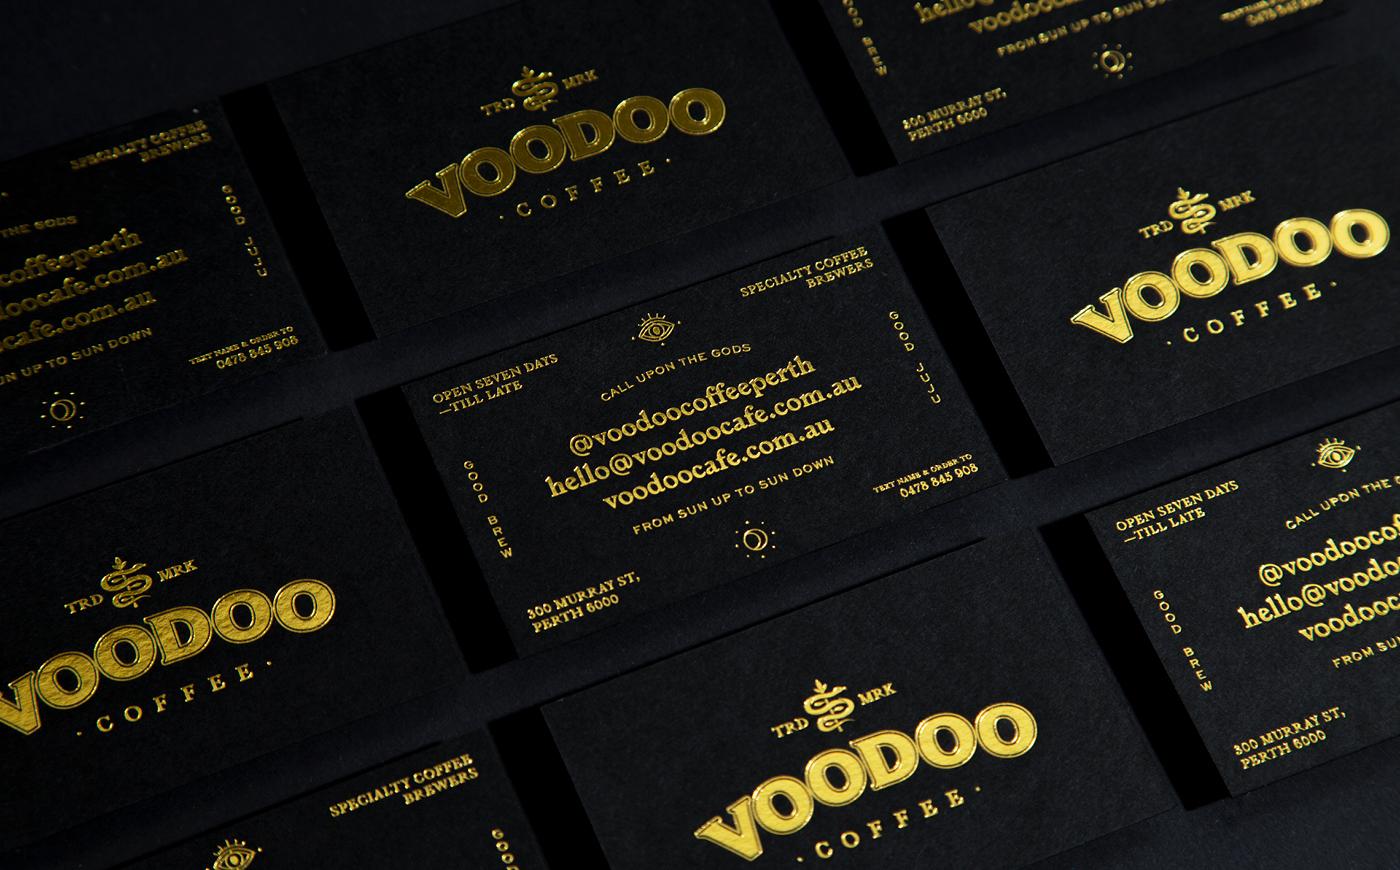 RyanVincent_Web_Voodoo7